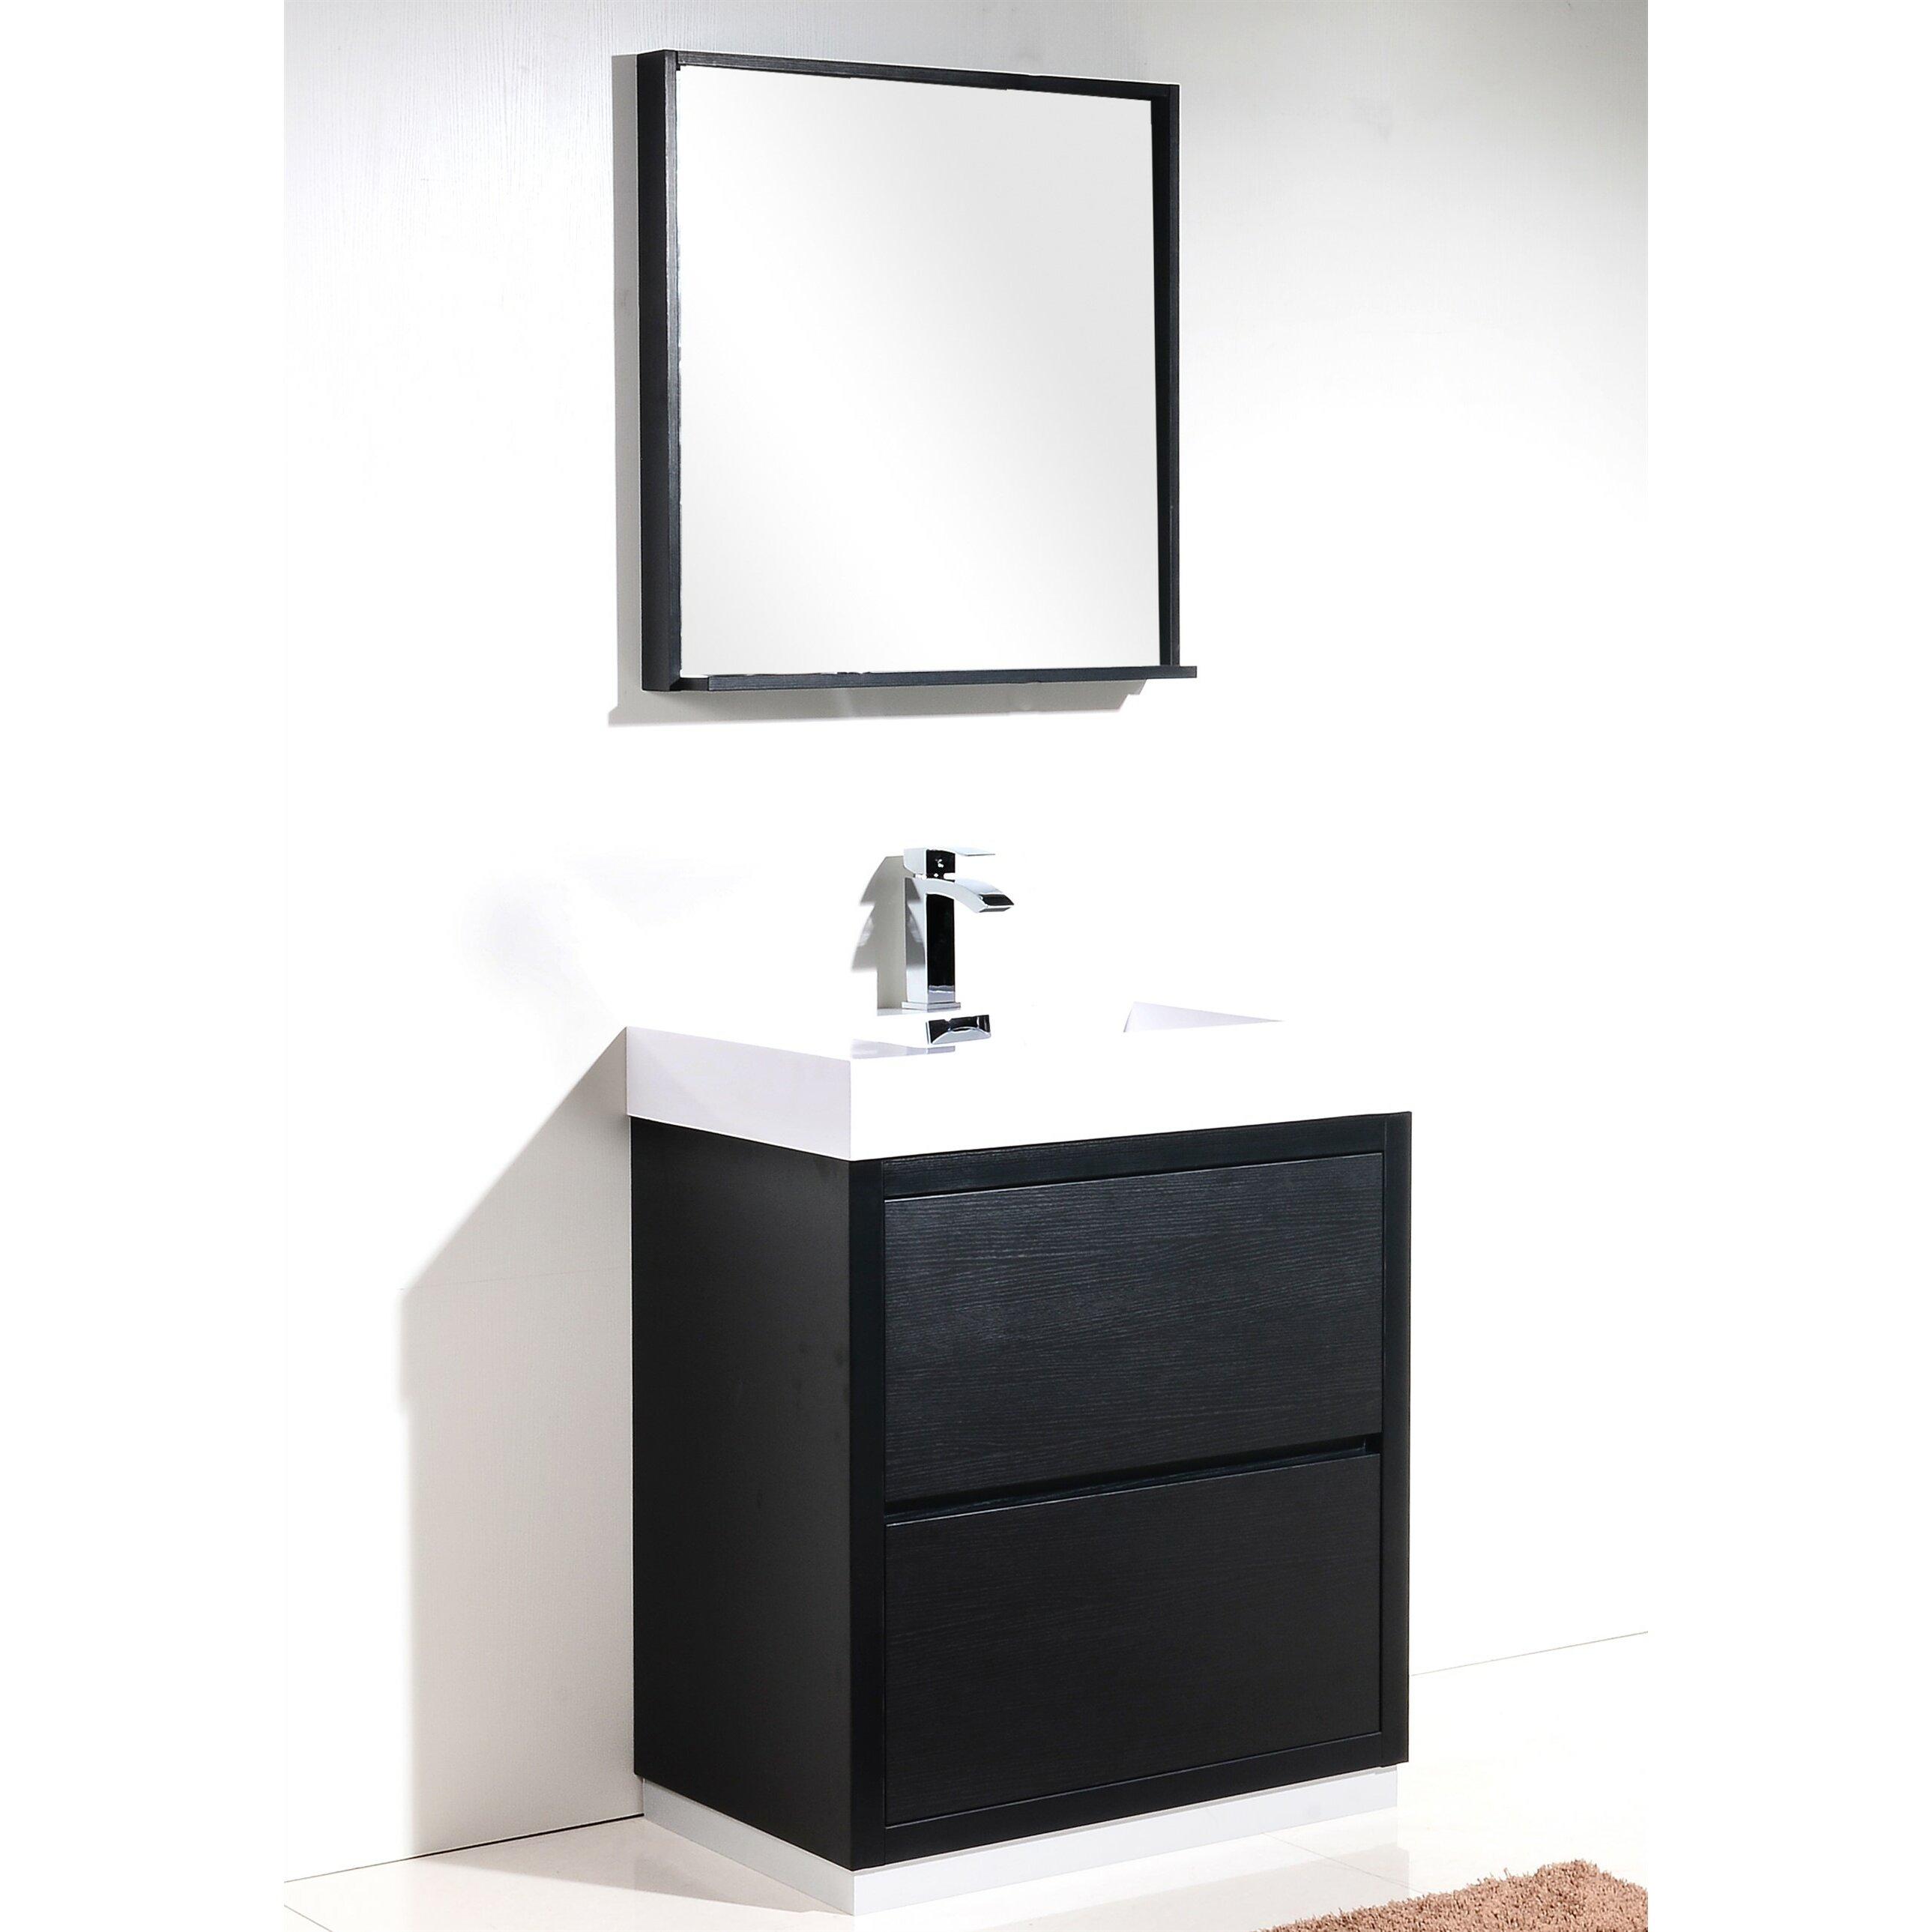 Wade logan tenafly 30 single free standing modern bathroom vanity set reviews - Linden modern bathroom vanity set ...